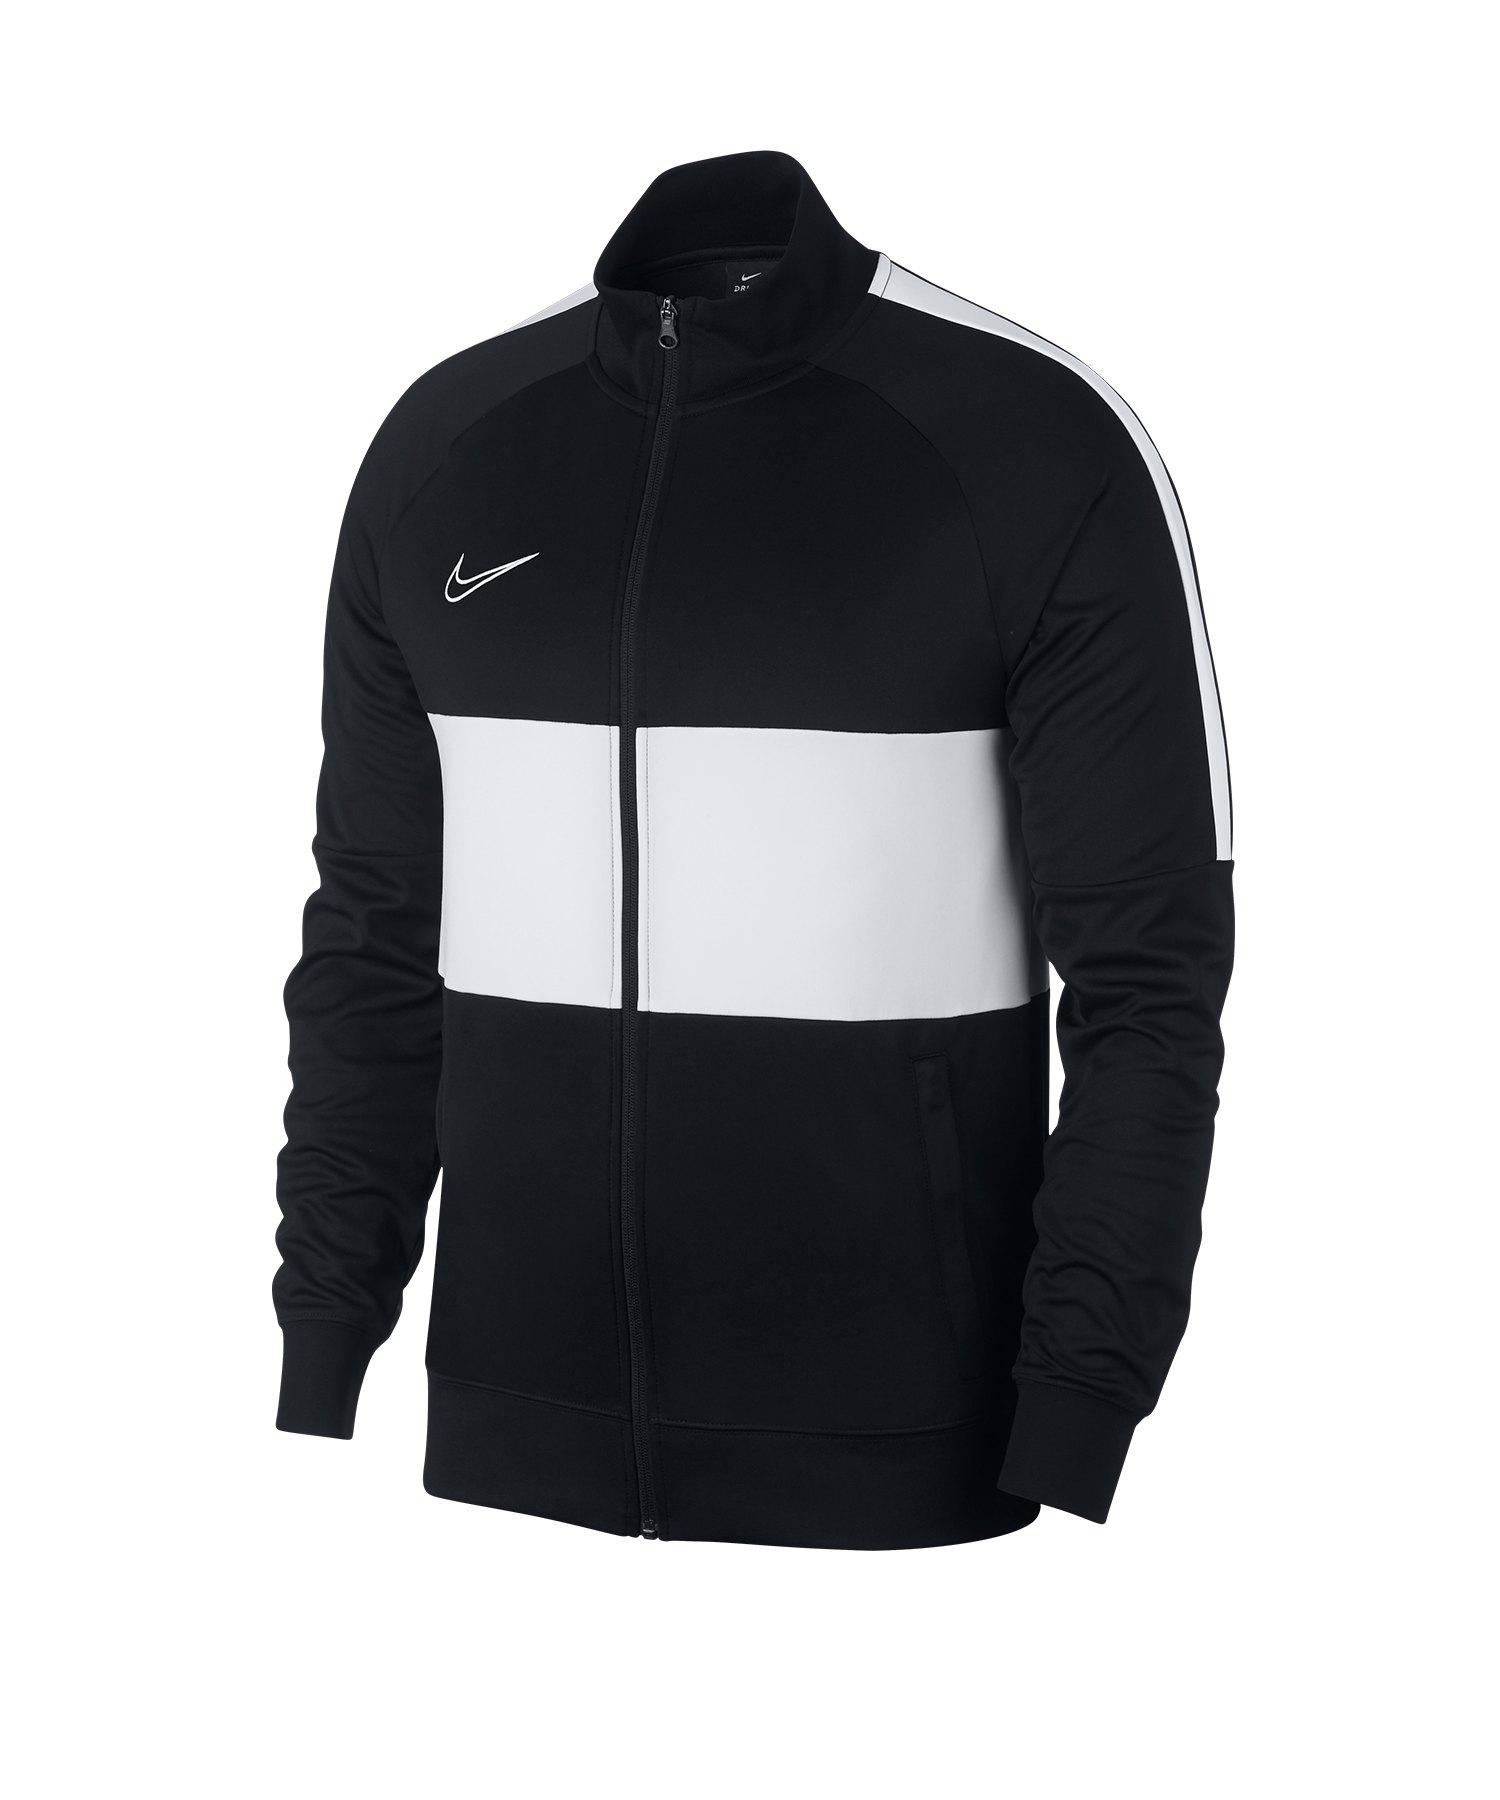 Nike F.C Academy Dri-FIT Jacke Schwarz Weiss F010 - schwarz